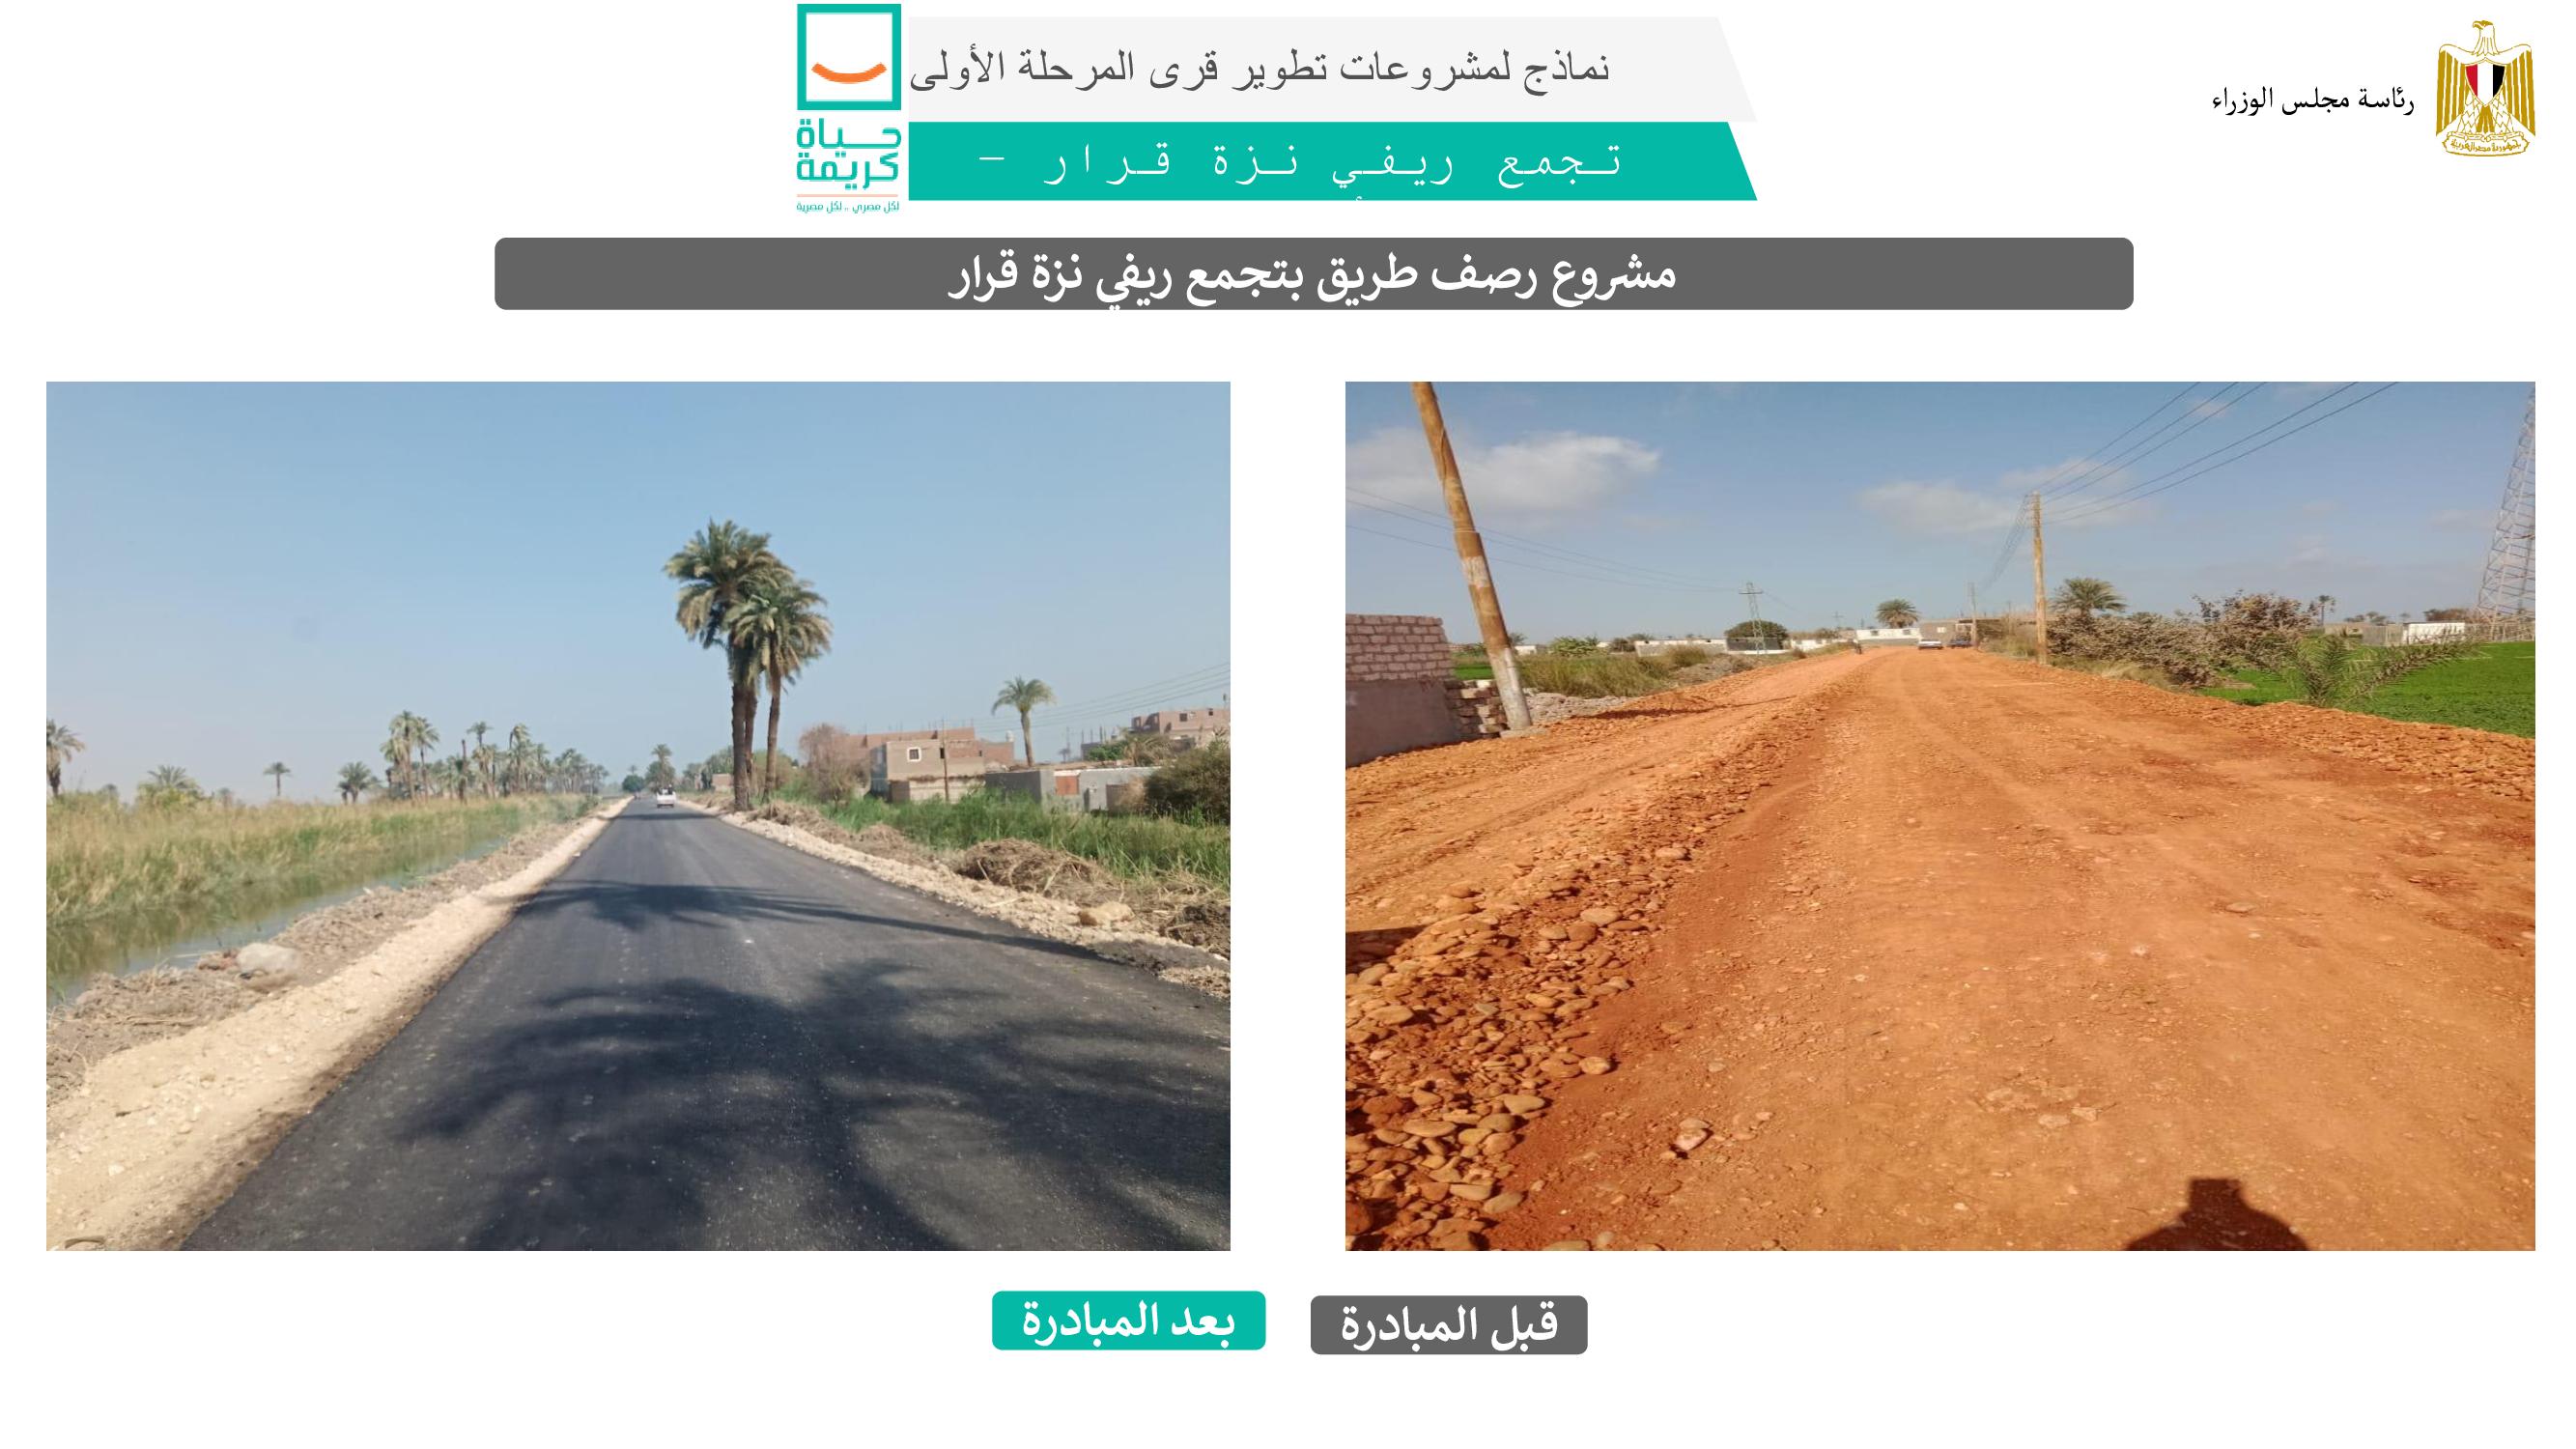 مشروع رصف طريق بتجمع ريفي نزة قرار